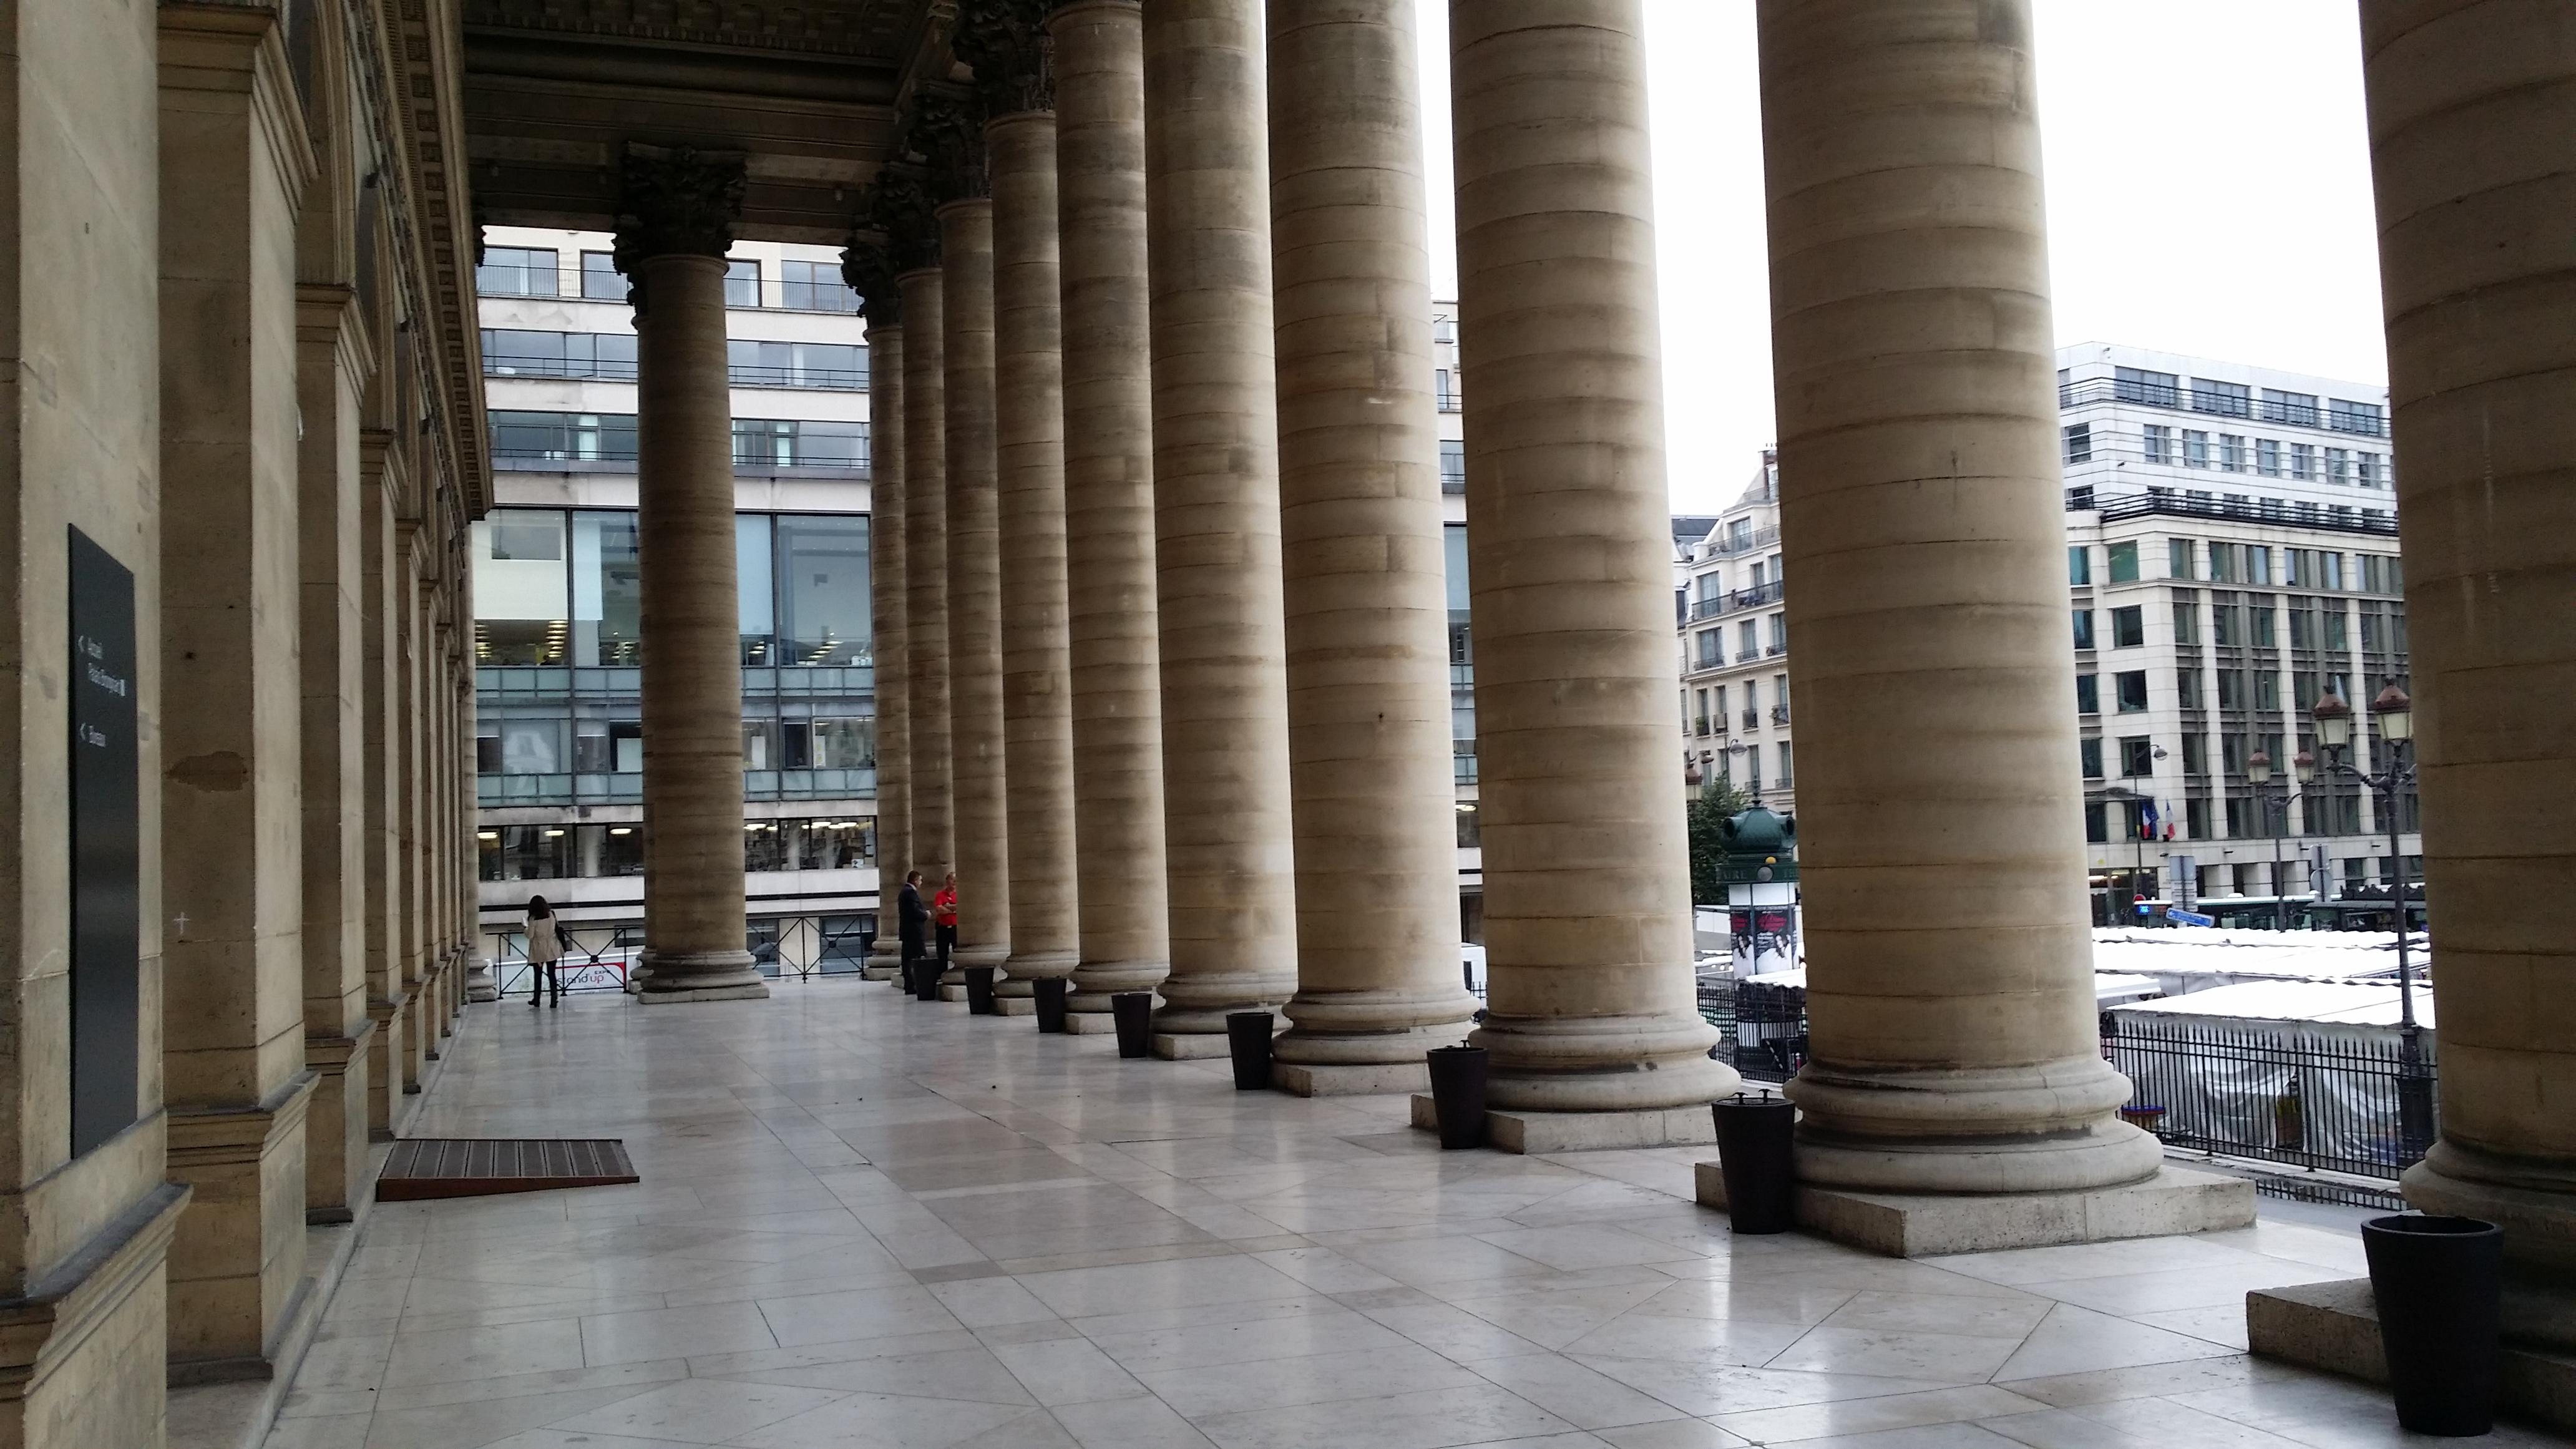 Cac 40 : En verve, le marché parisien reconquiert les 5900 points - BFM Bourse